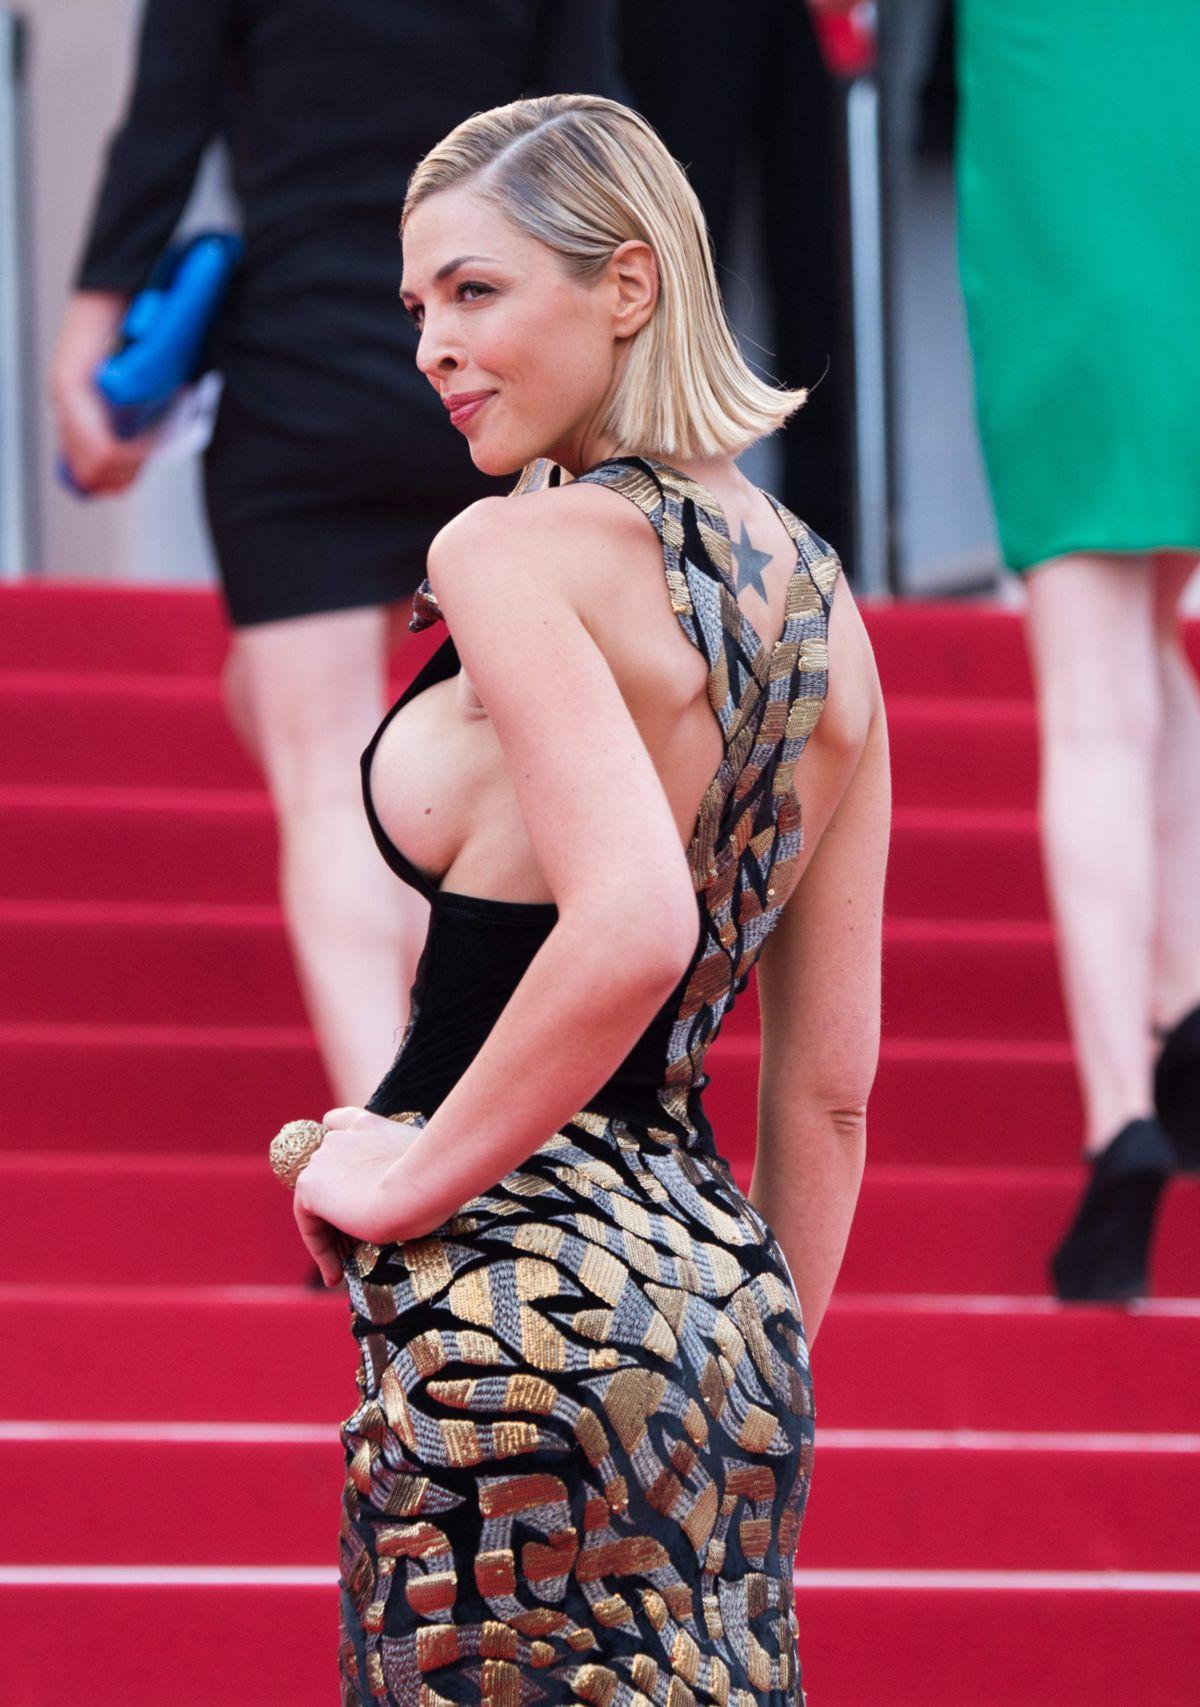 TheFappening Eleonore Boccara nude (57 photos), Sexy, Sideboobs, Feet, bra 2018